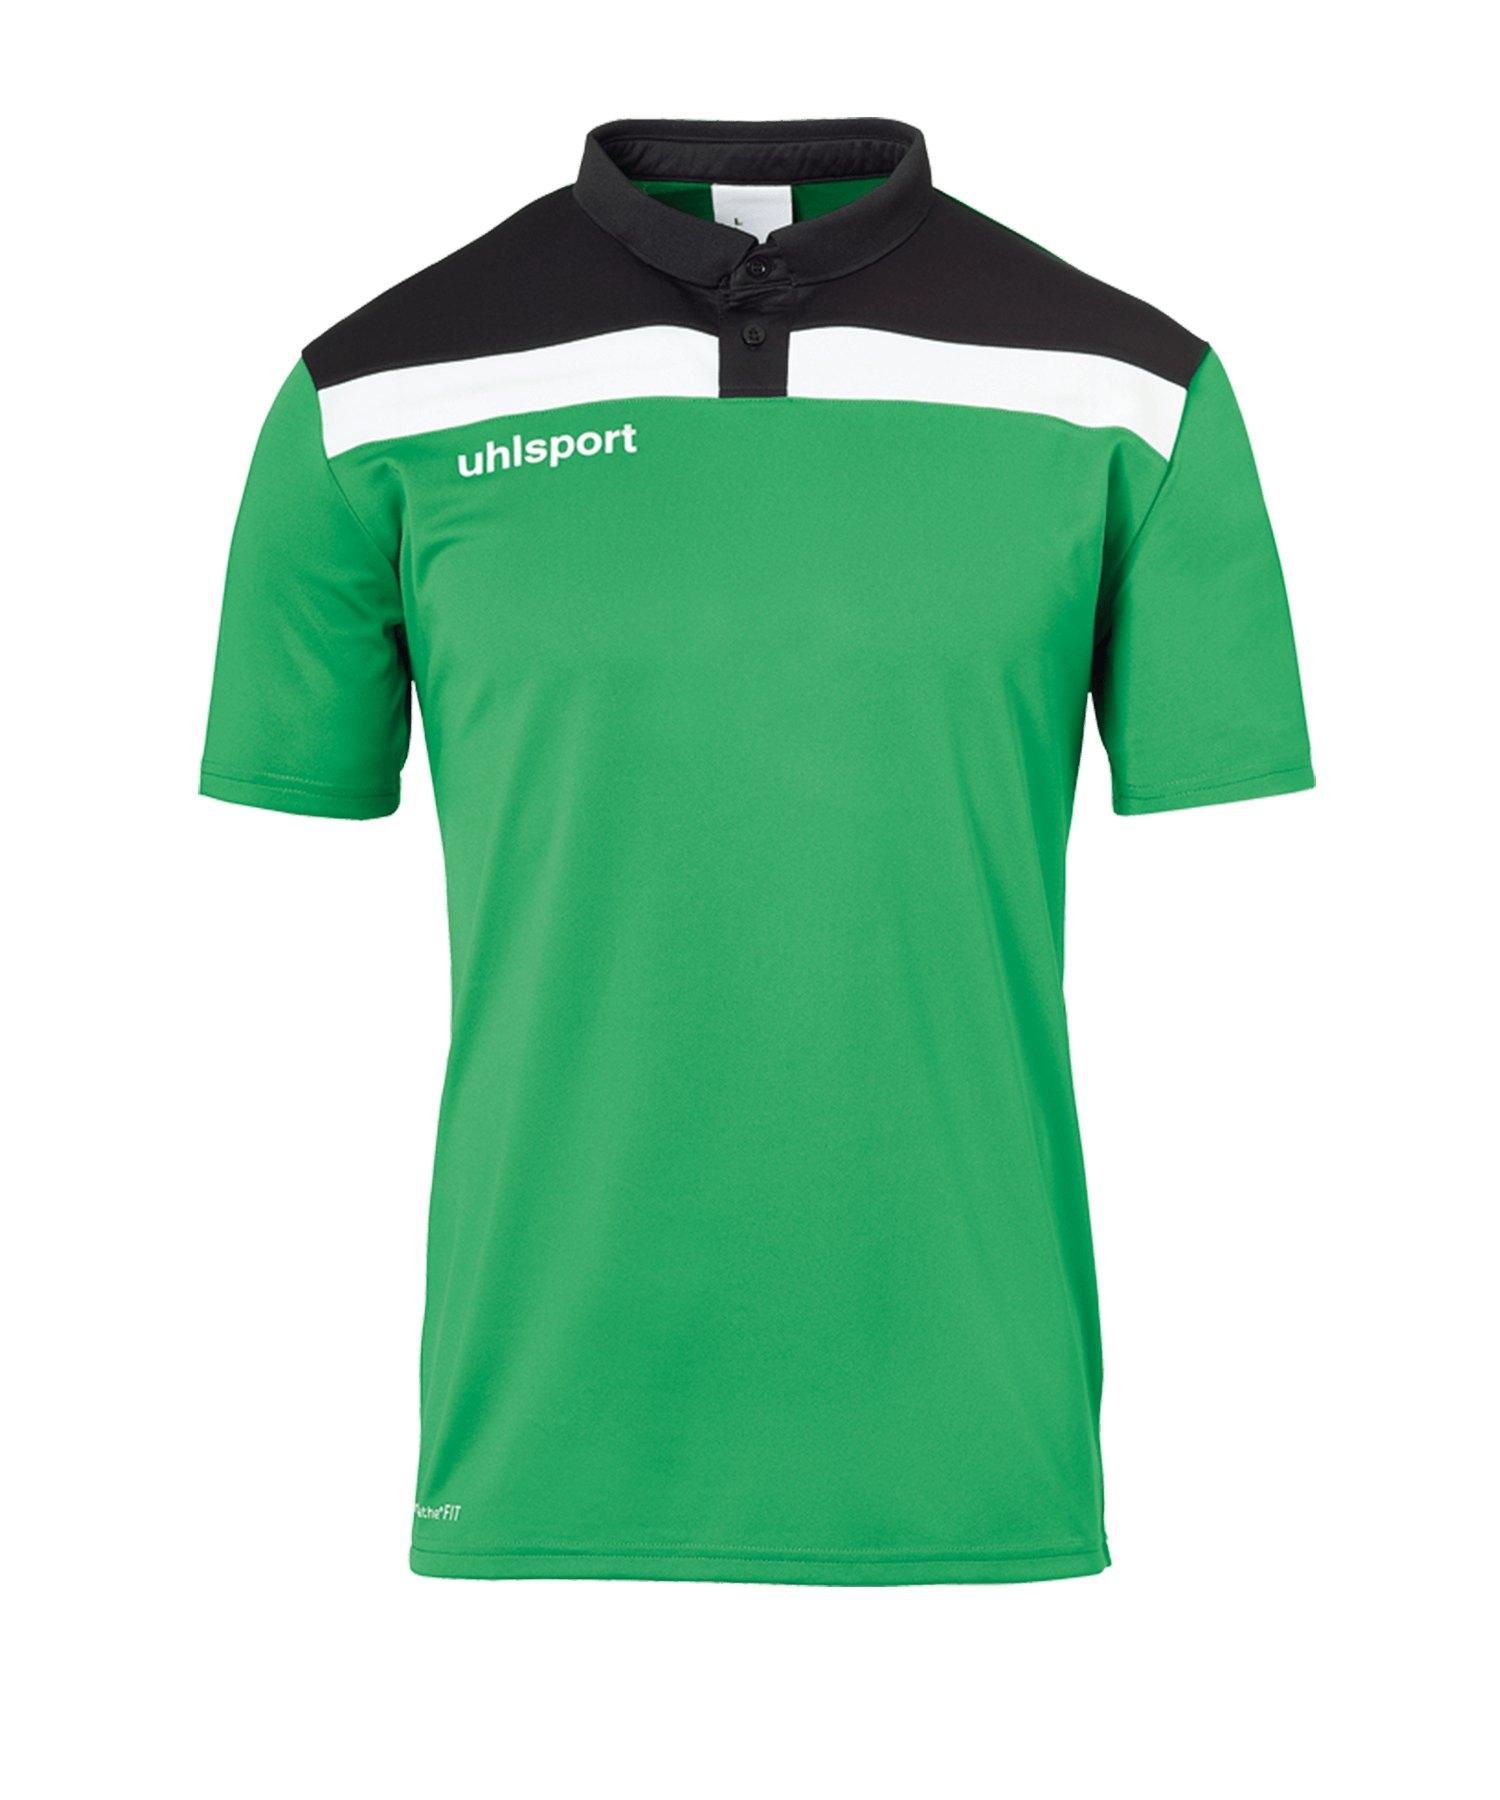 Uhlsport Offense 23 Poloshirt Kids Grün F06 - gruen